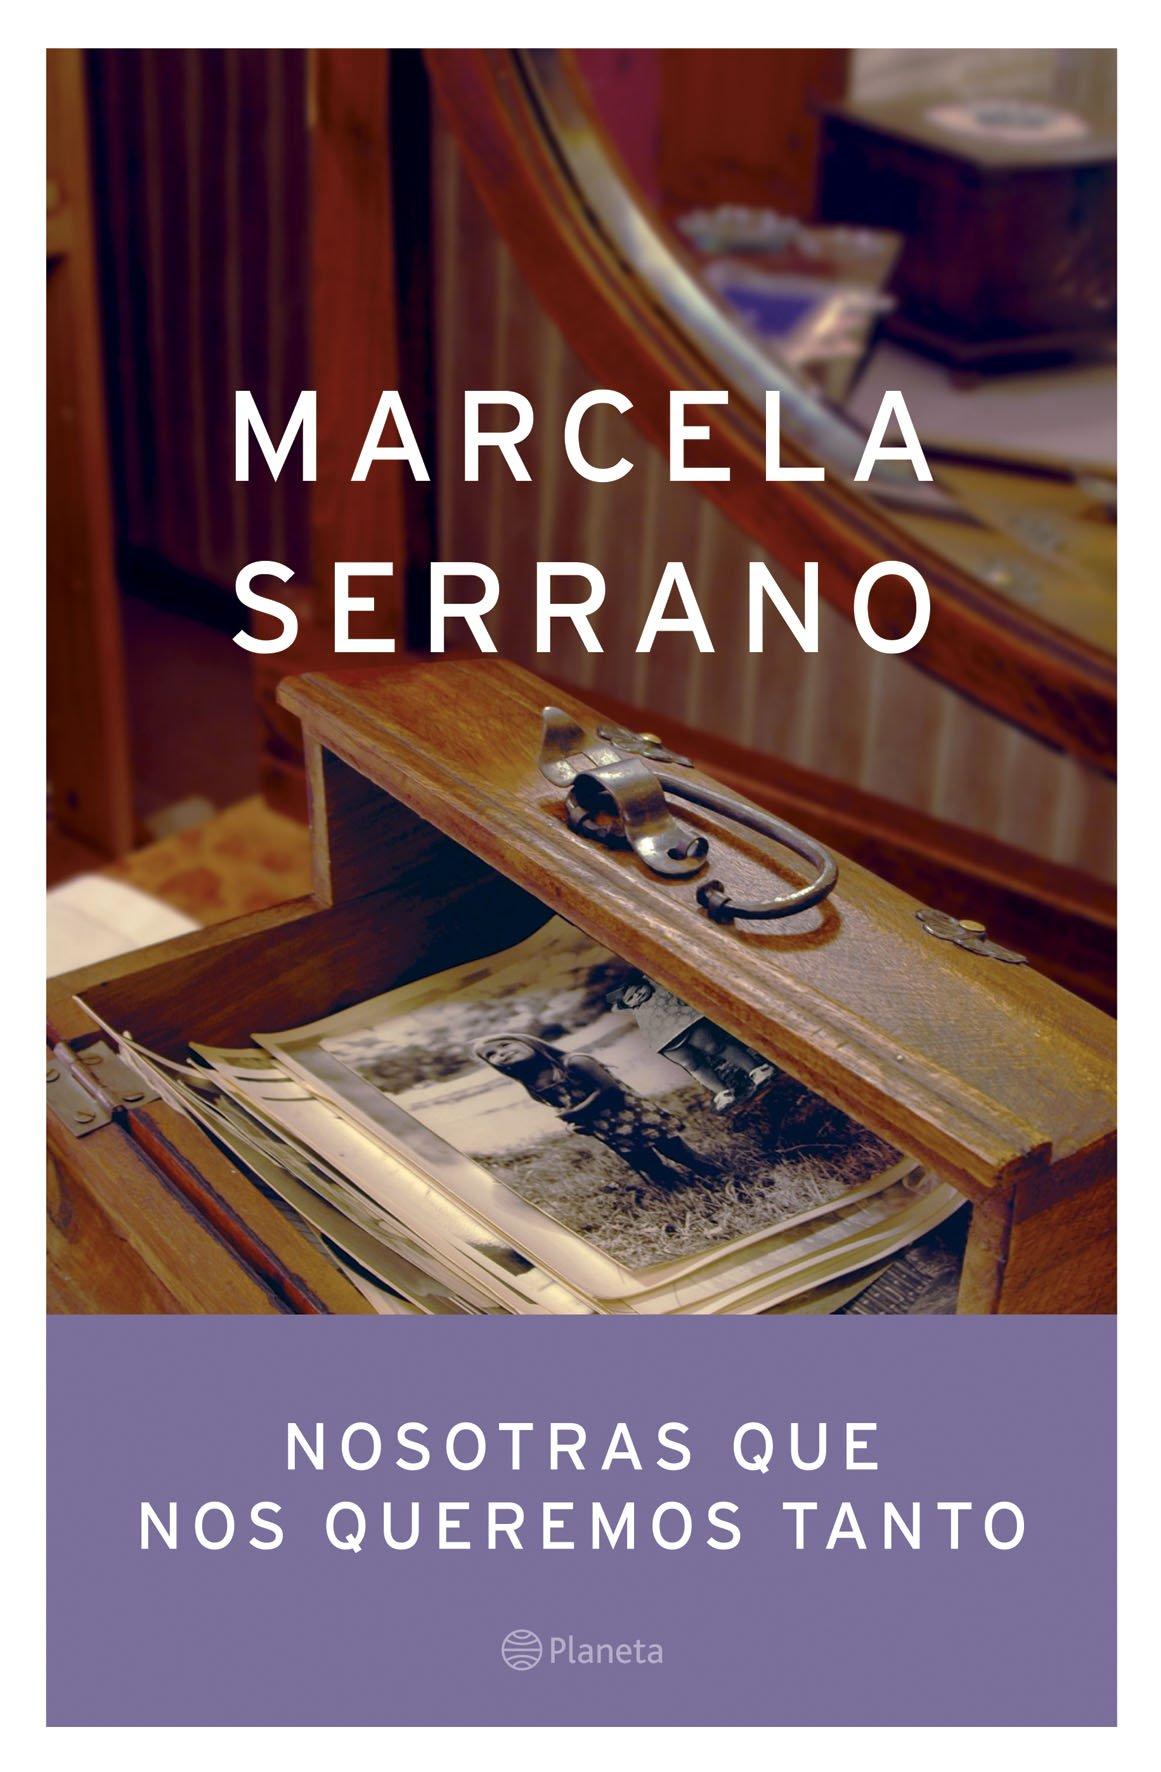 Nosotras Que Nos Queremos Tanto: Marcela Serrano: 9788408055136: Amazon.com: Books